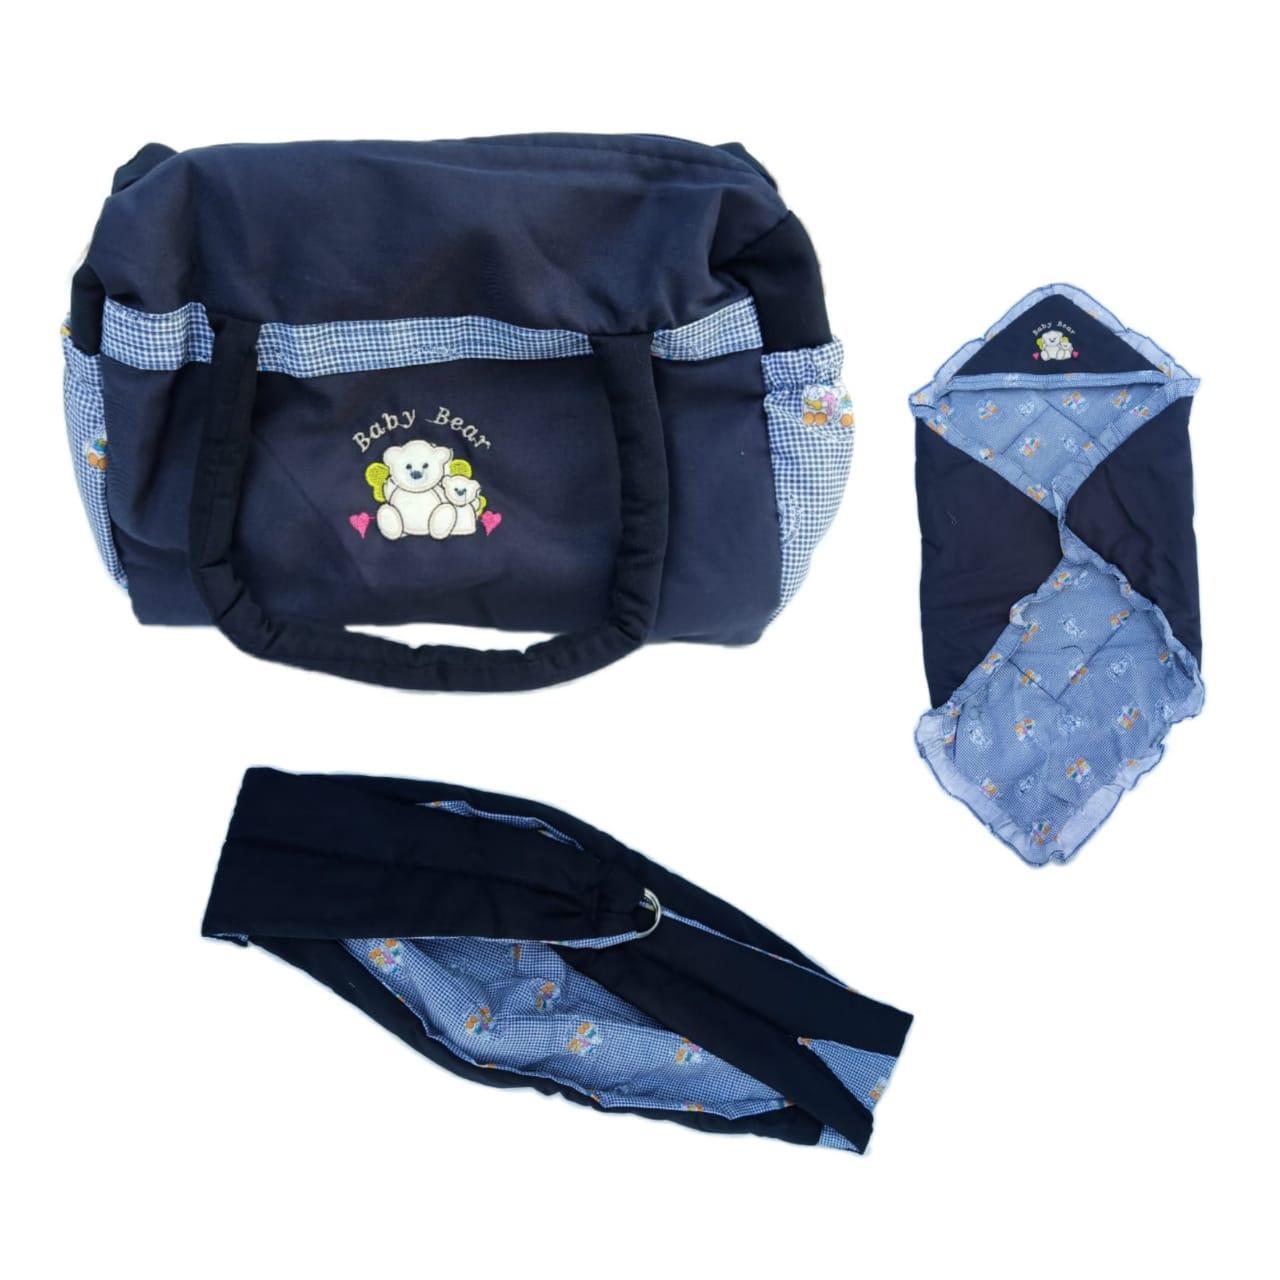 Tas set bayi 3 in 1 selimut gendongan dan tas